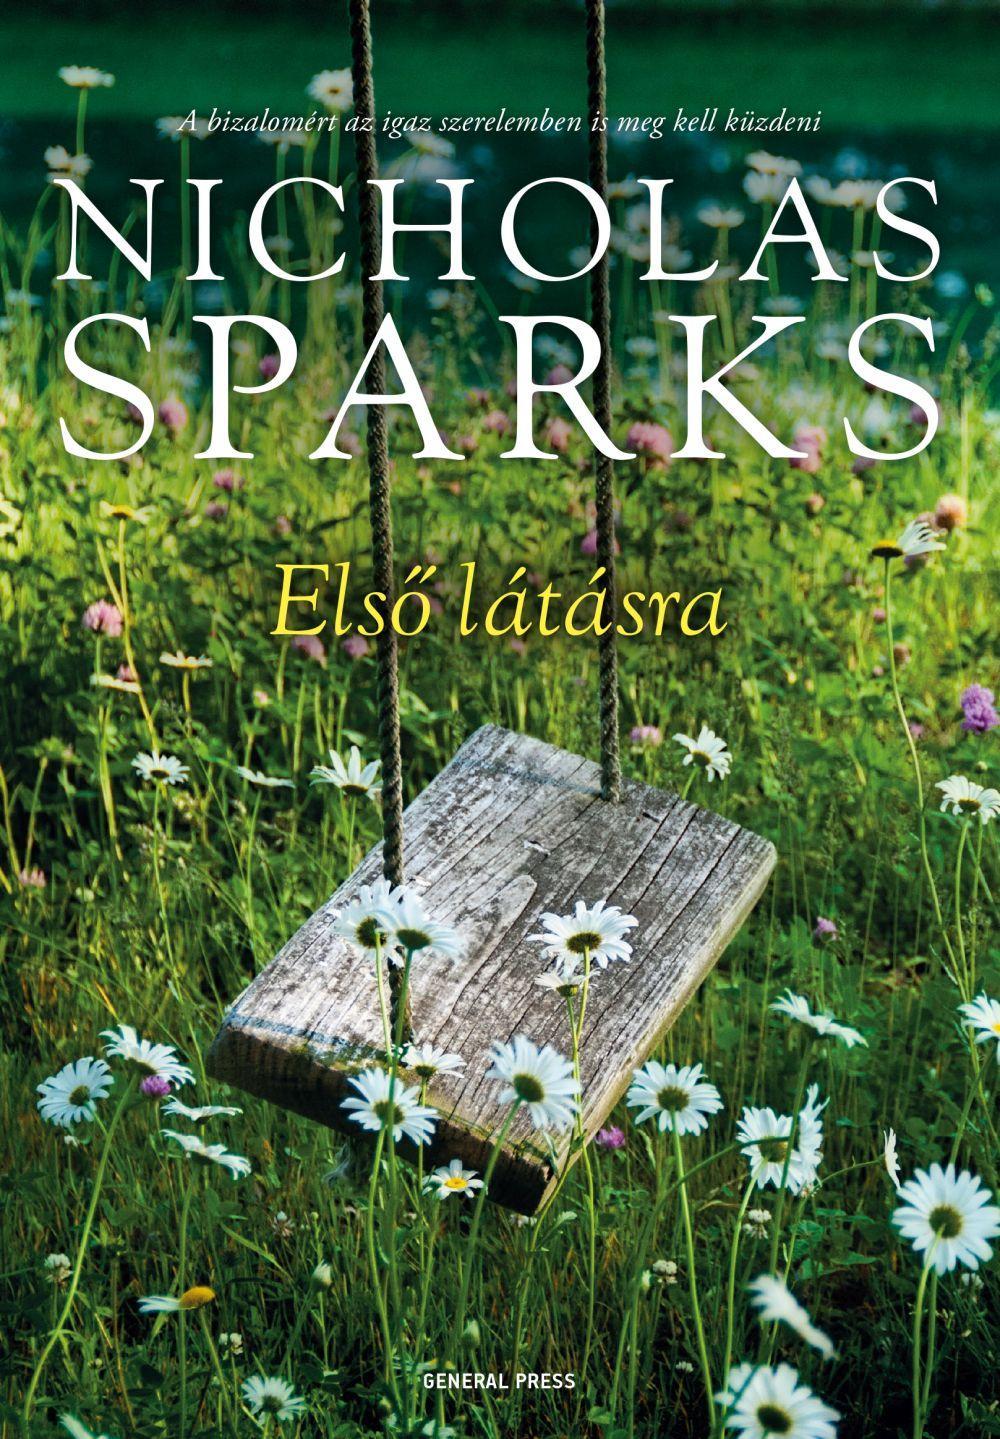 Nicholas Sparks - Első látásra